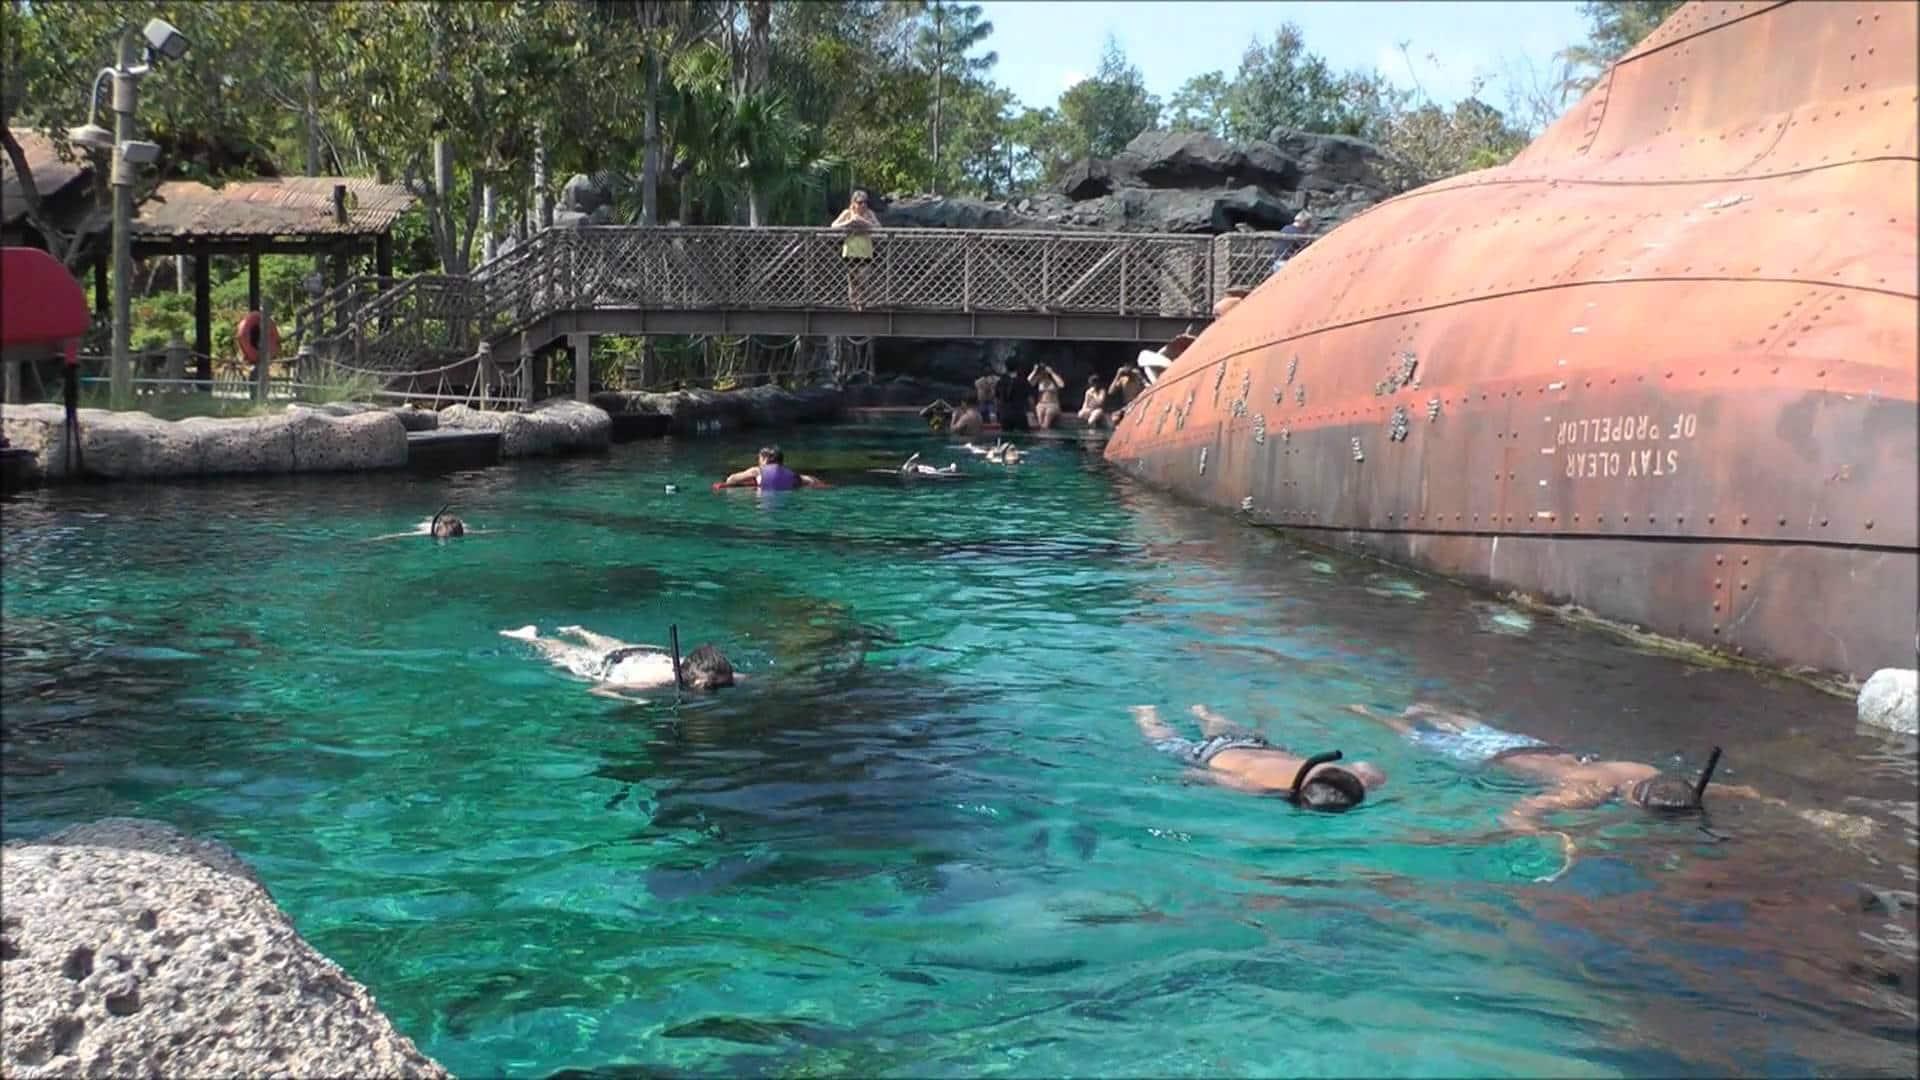 Clima e temperatura em Orlando: parque aquático Typhoon Lagoon